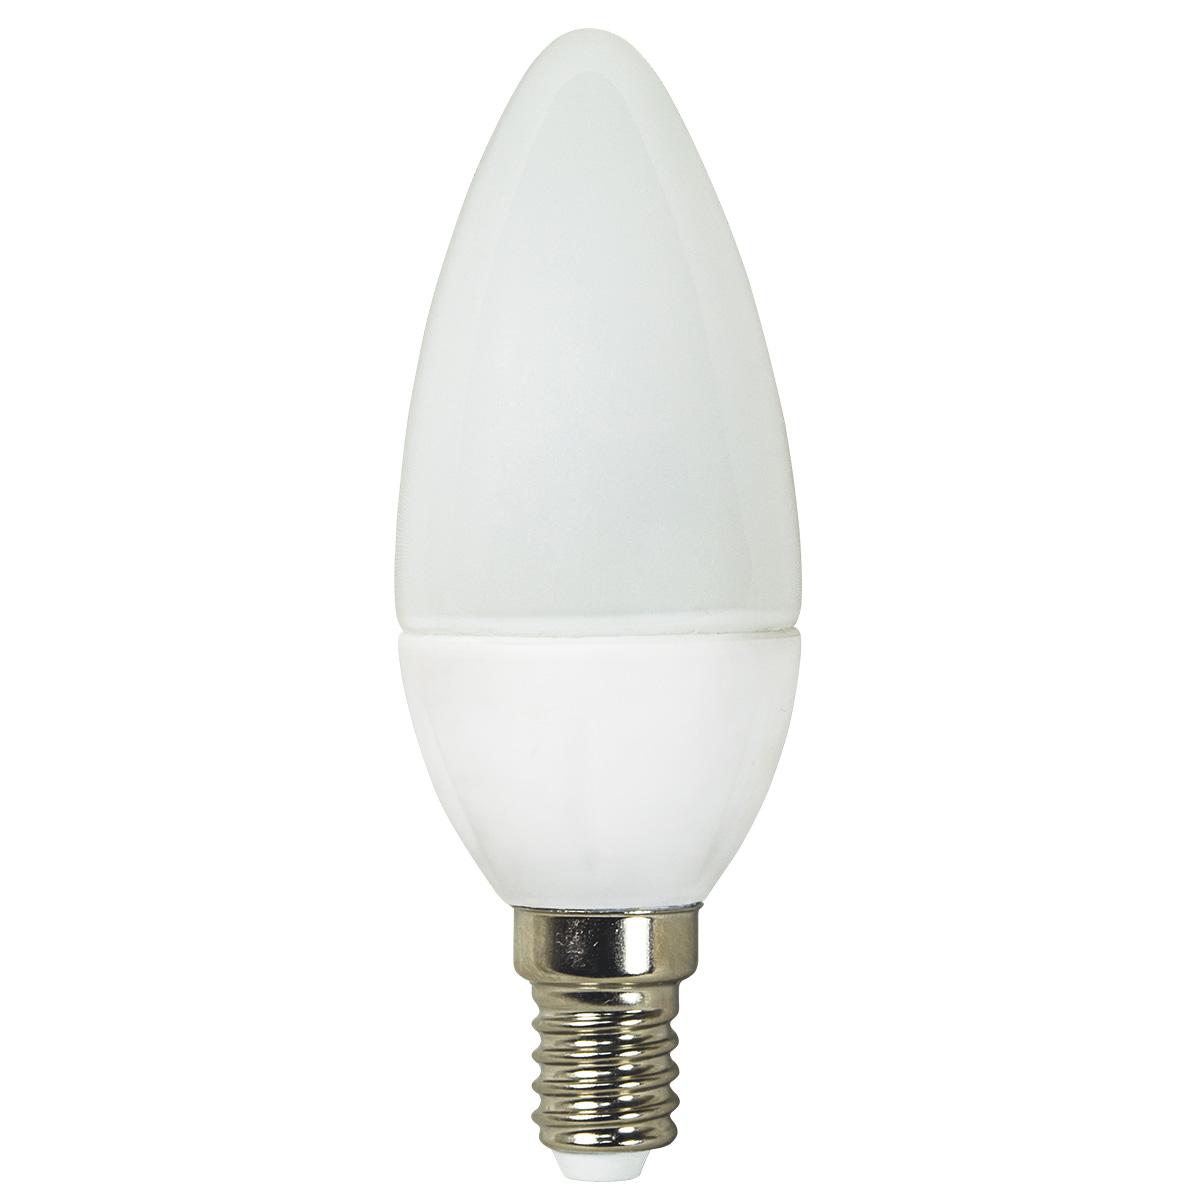 Lampa LED C35 3W 250LM E14 6400K(ECOLITELED)100sht